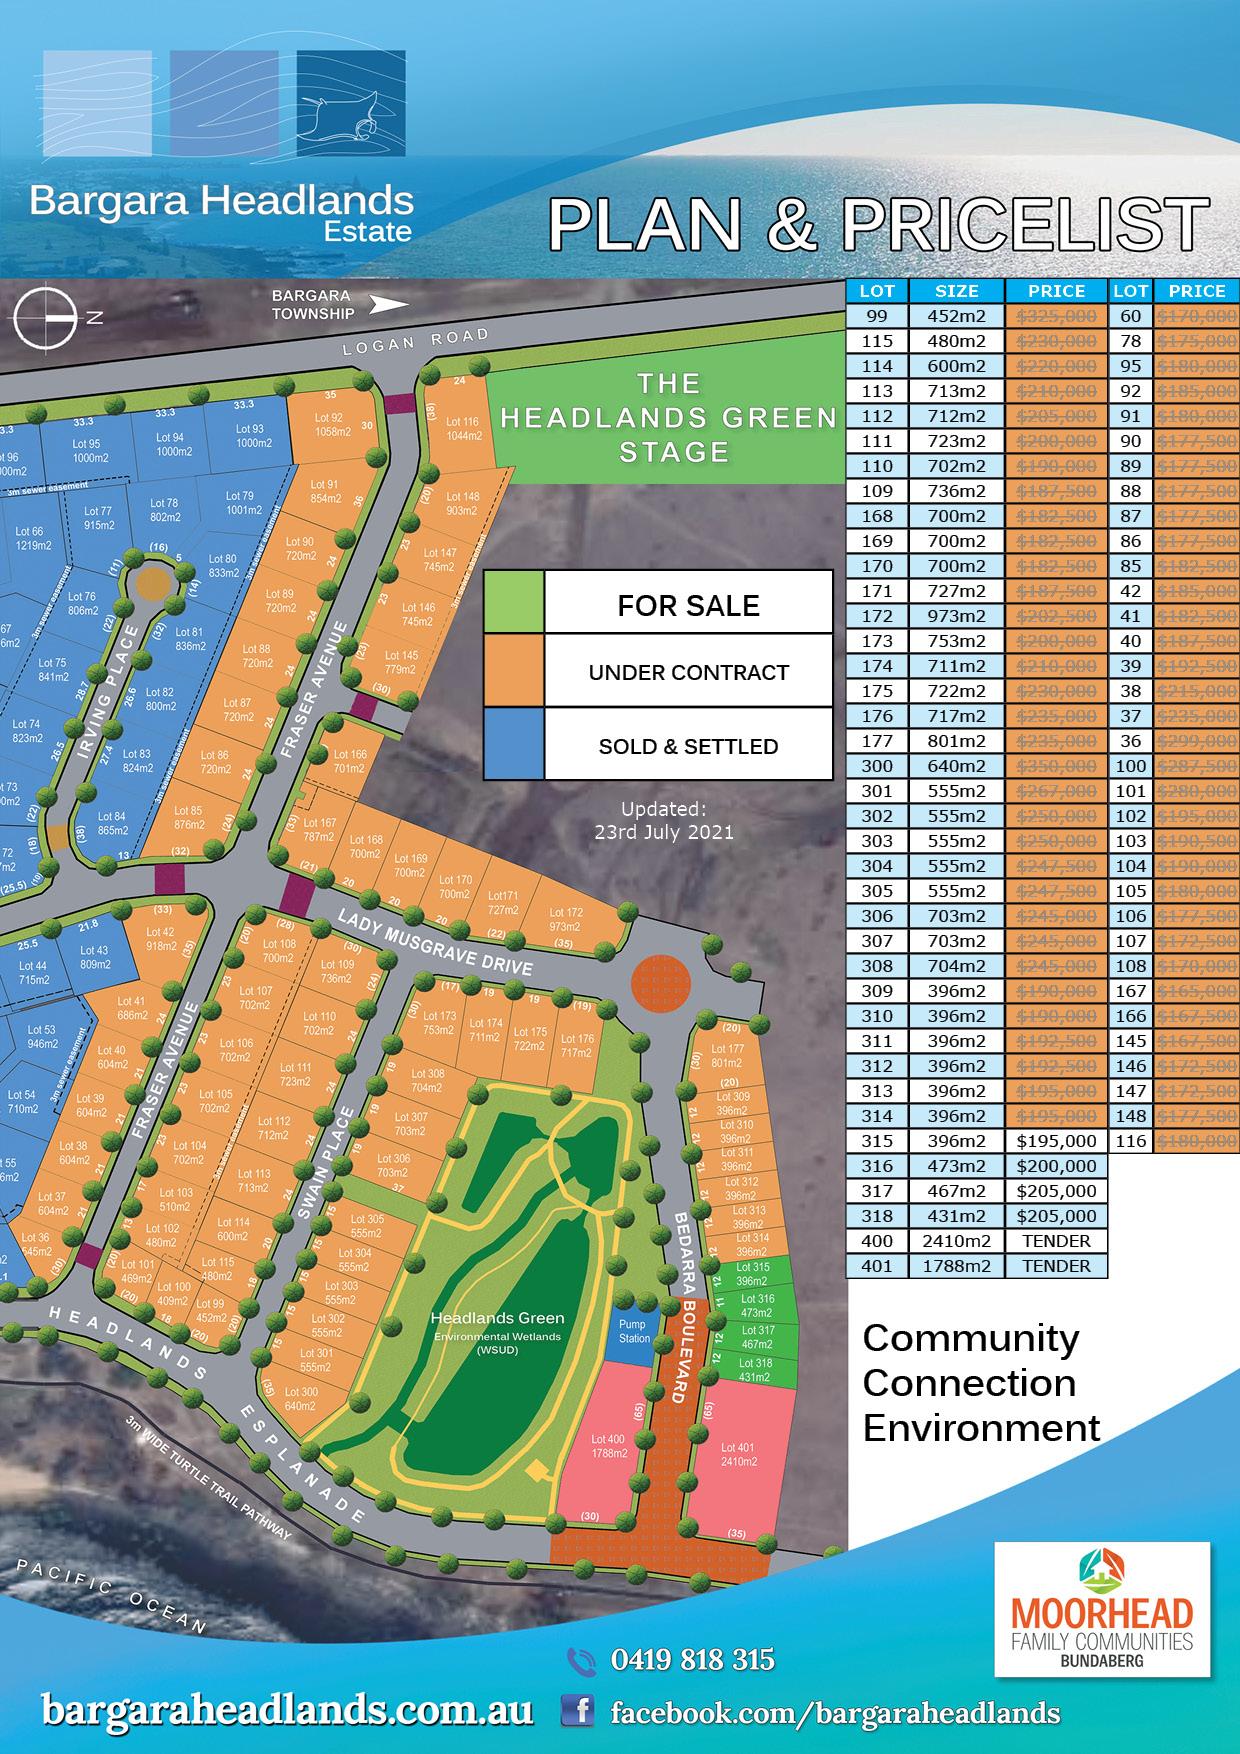 Bargara Headlands Pland & Price List - 23rd July 2021